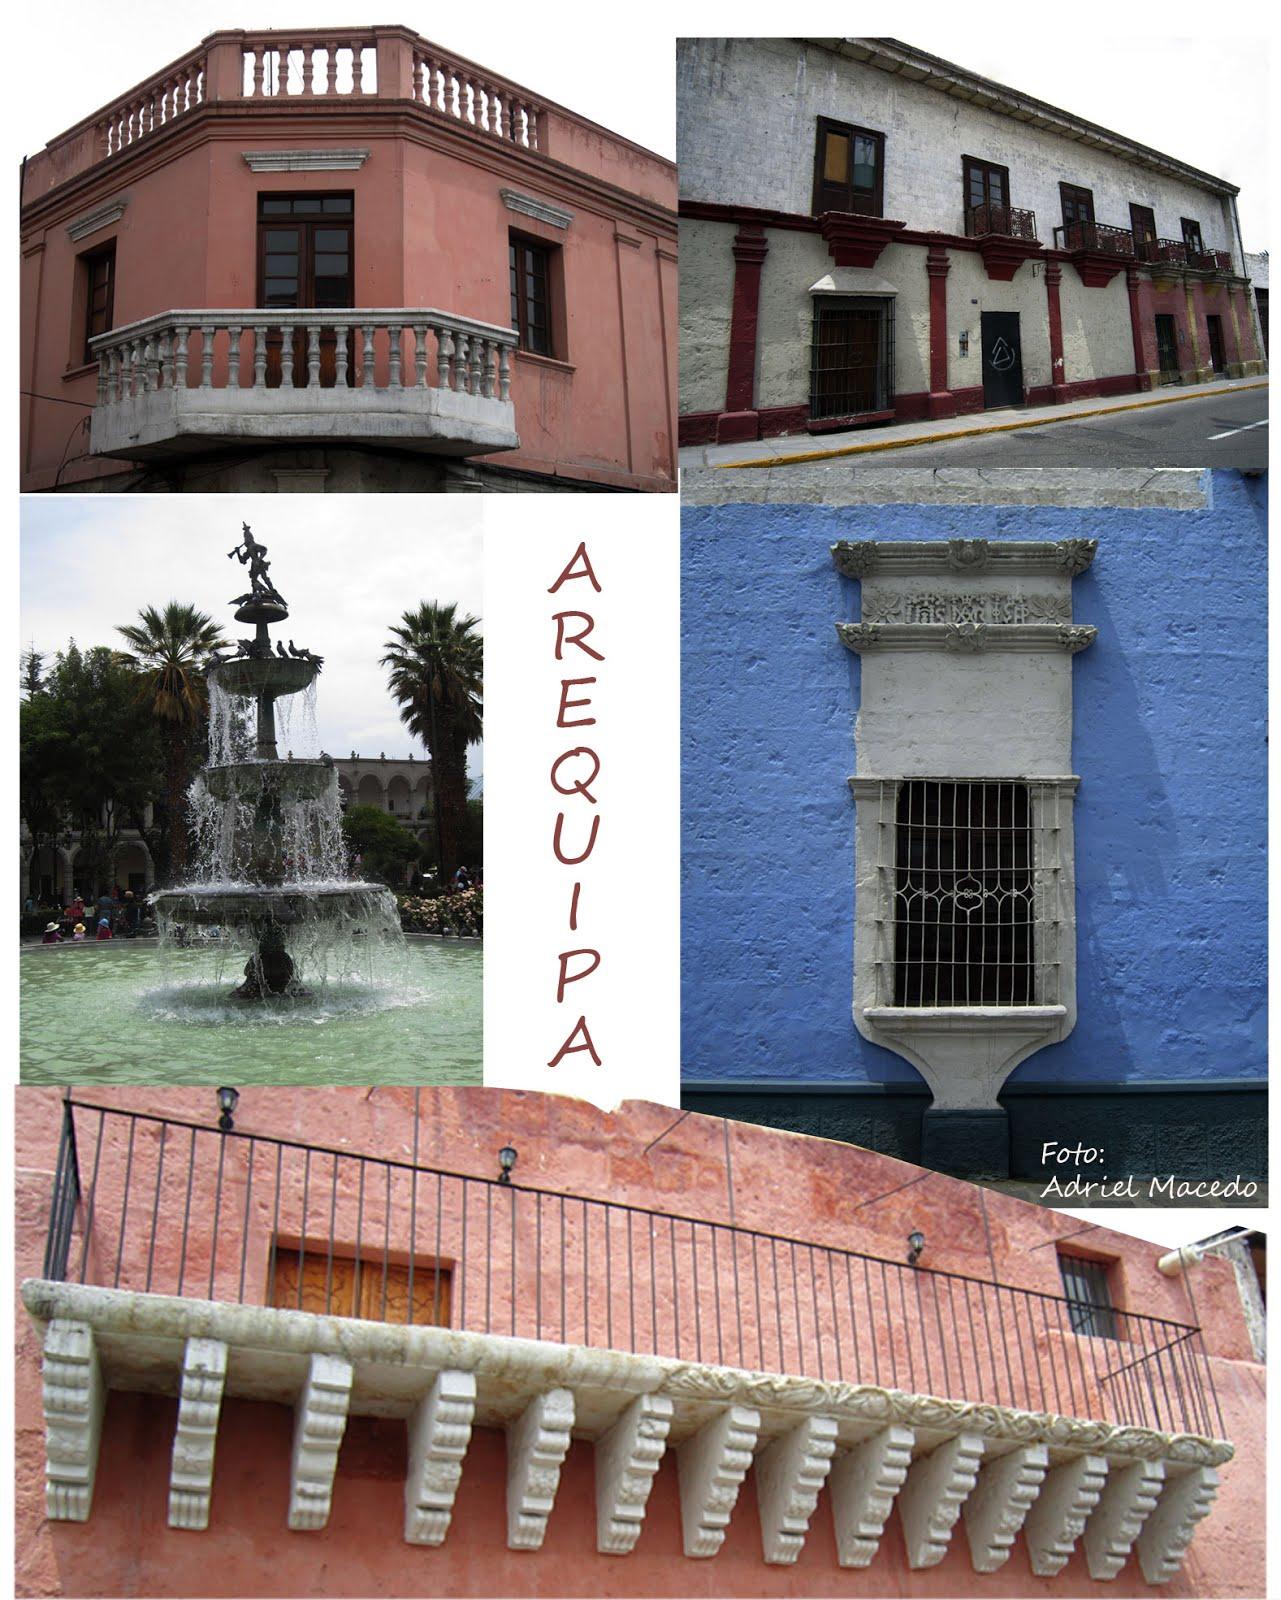 Balcones y Tuturutu de Arequipa